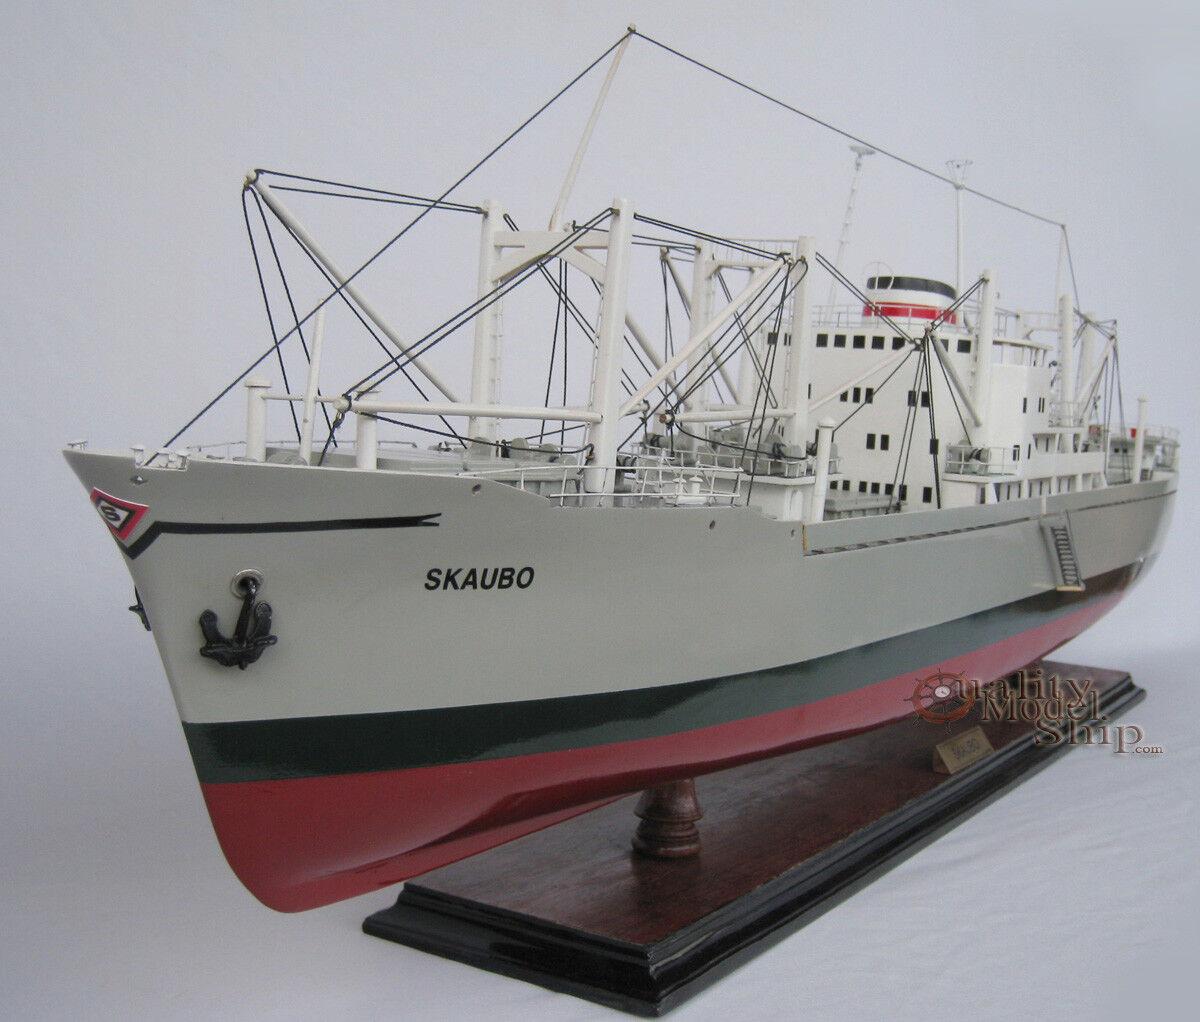 M.S. Skaubo tillverkningrad modellllerl för lastfkonstyg 1 14